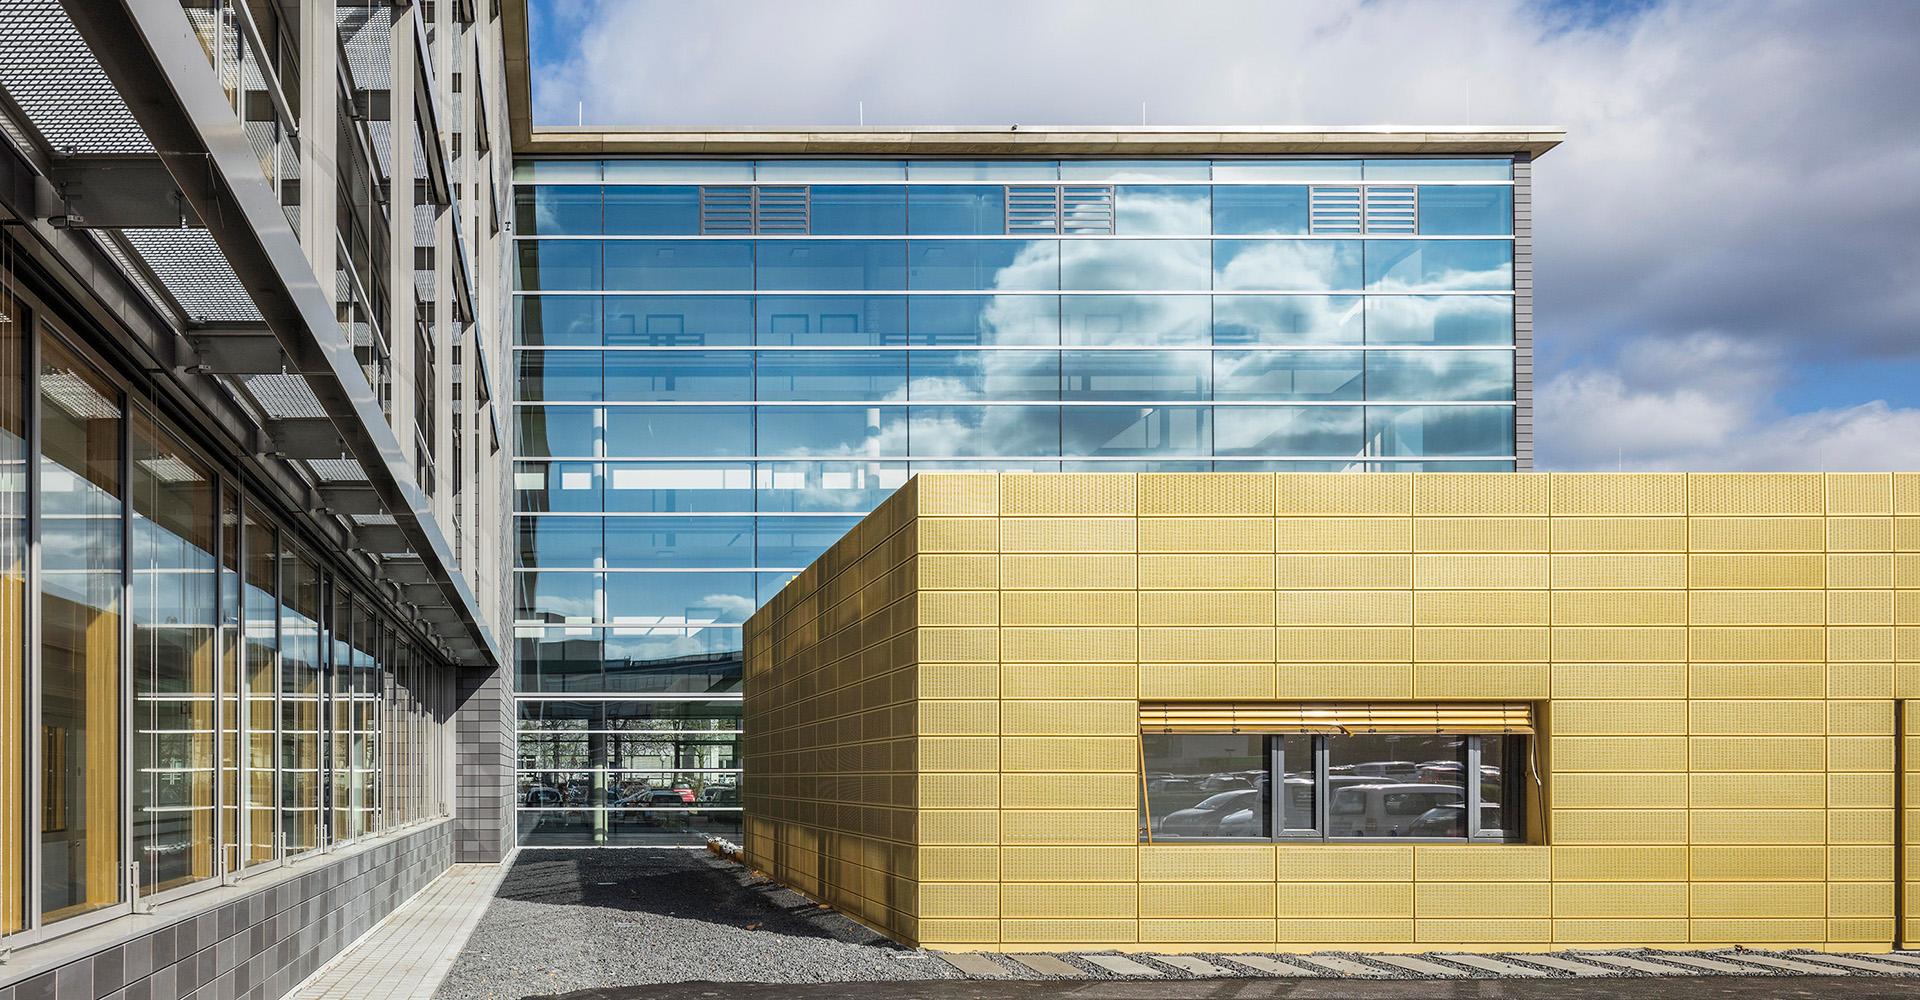 Materialforschung (CAM) Heidelberg 2 - ArGe Architekten